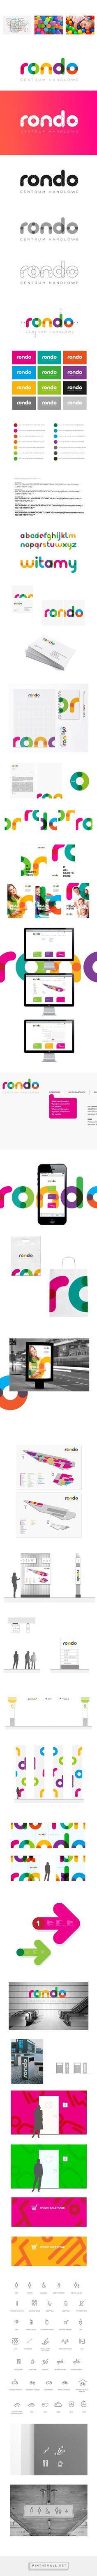 shopping mall RONDO re-branding on Behance | Fivestar Branding – Design and Branding Agency & Inspiration Gallery